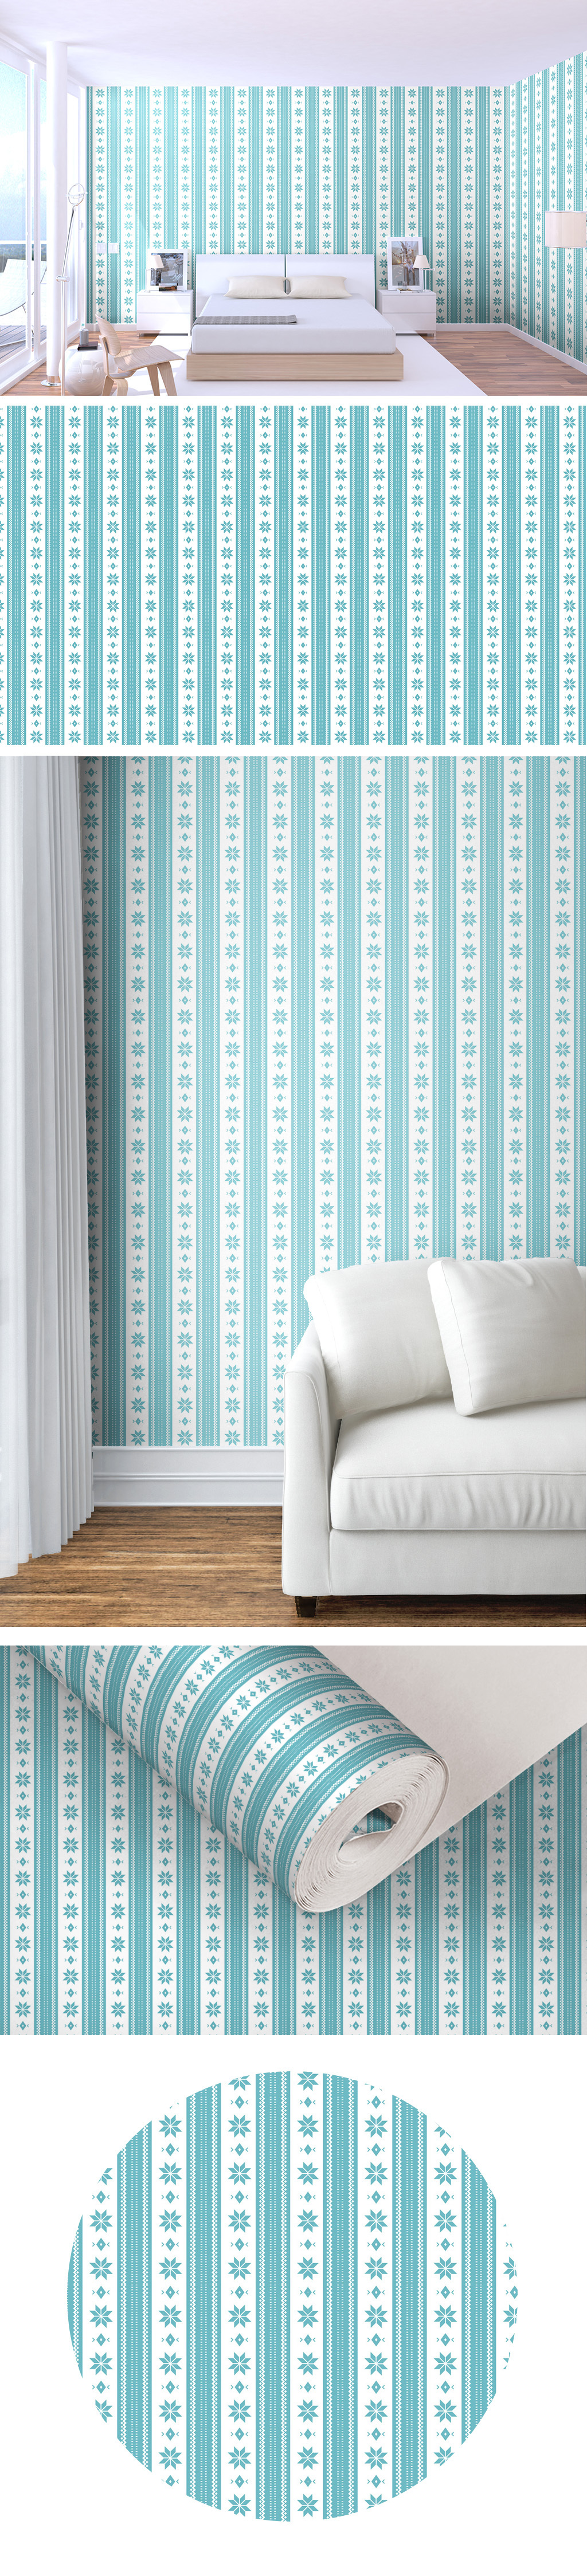 现代简约条纹墙纸图片素材 现代简约条纹墙纸其他格式模板下载 墙纸